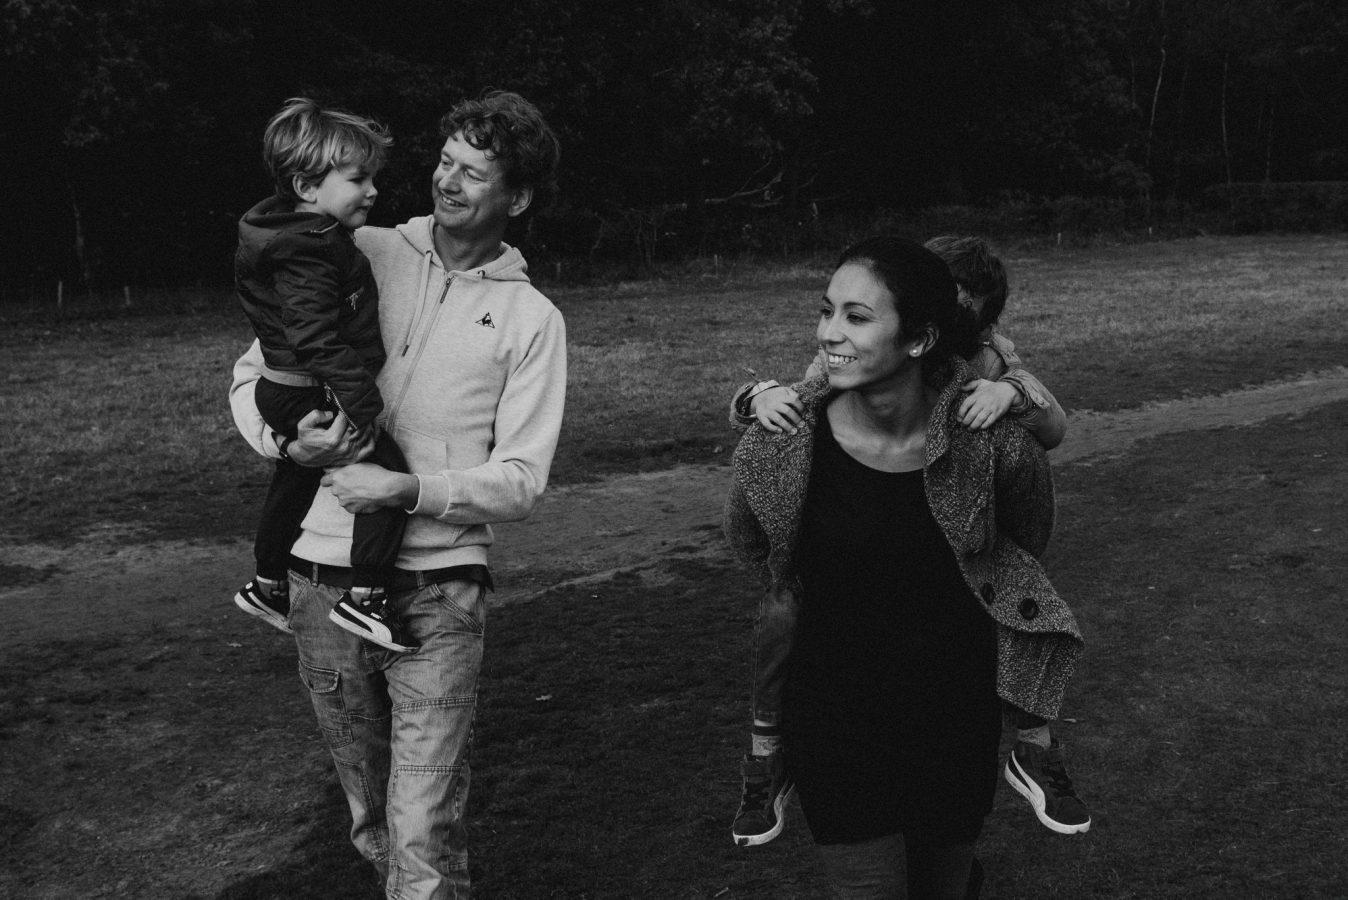 zwart wit foto van een familie loopt met een hondtijdens een familie fotoshoot over een mooi landschap